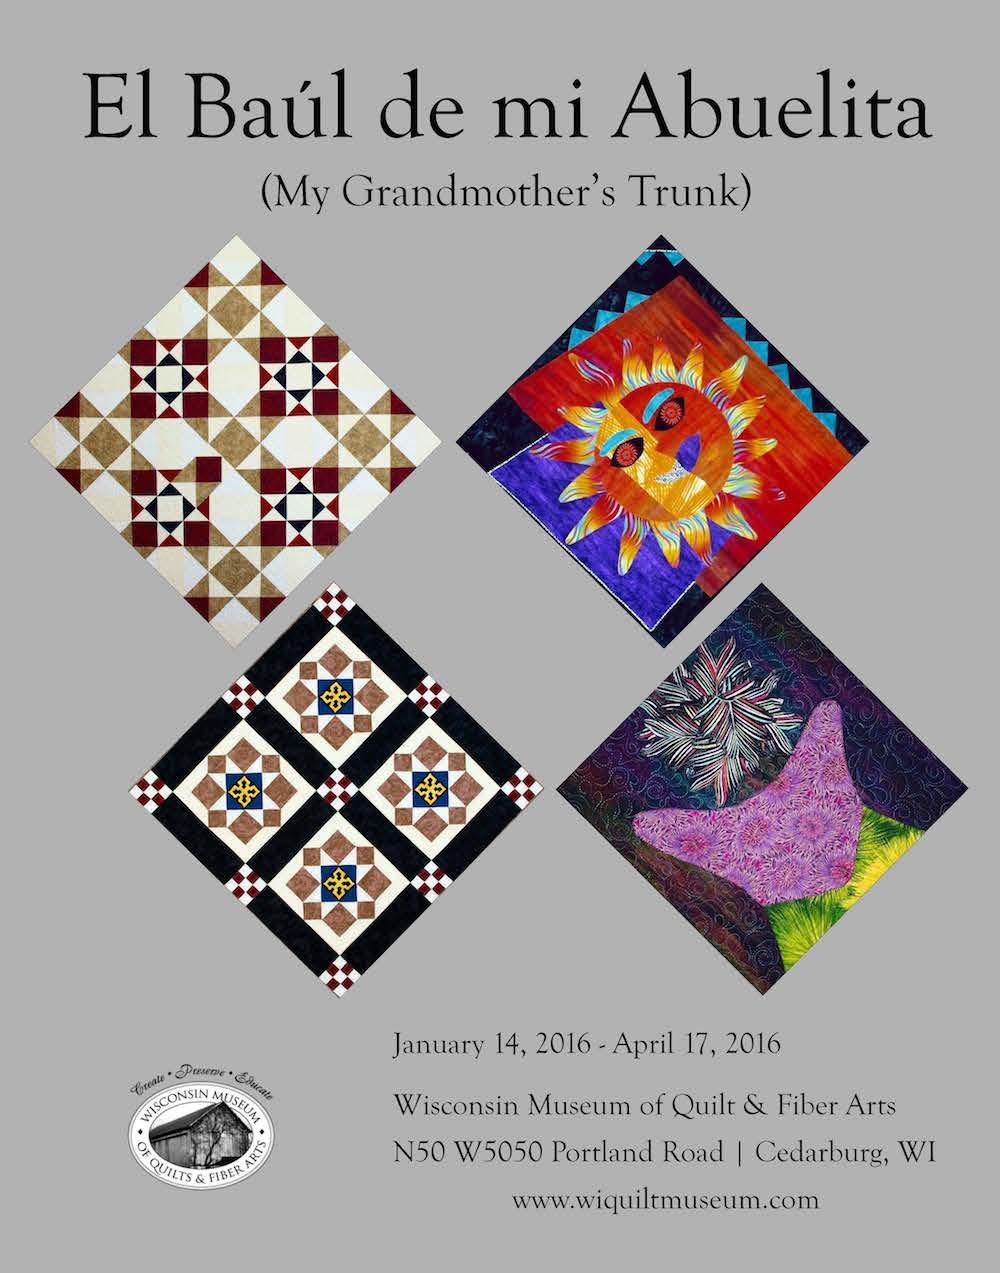 WMQFA-El-Baul-de-mi-Abuelita-Quilt-Museum-Exhibition